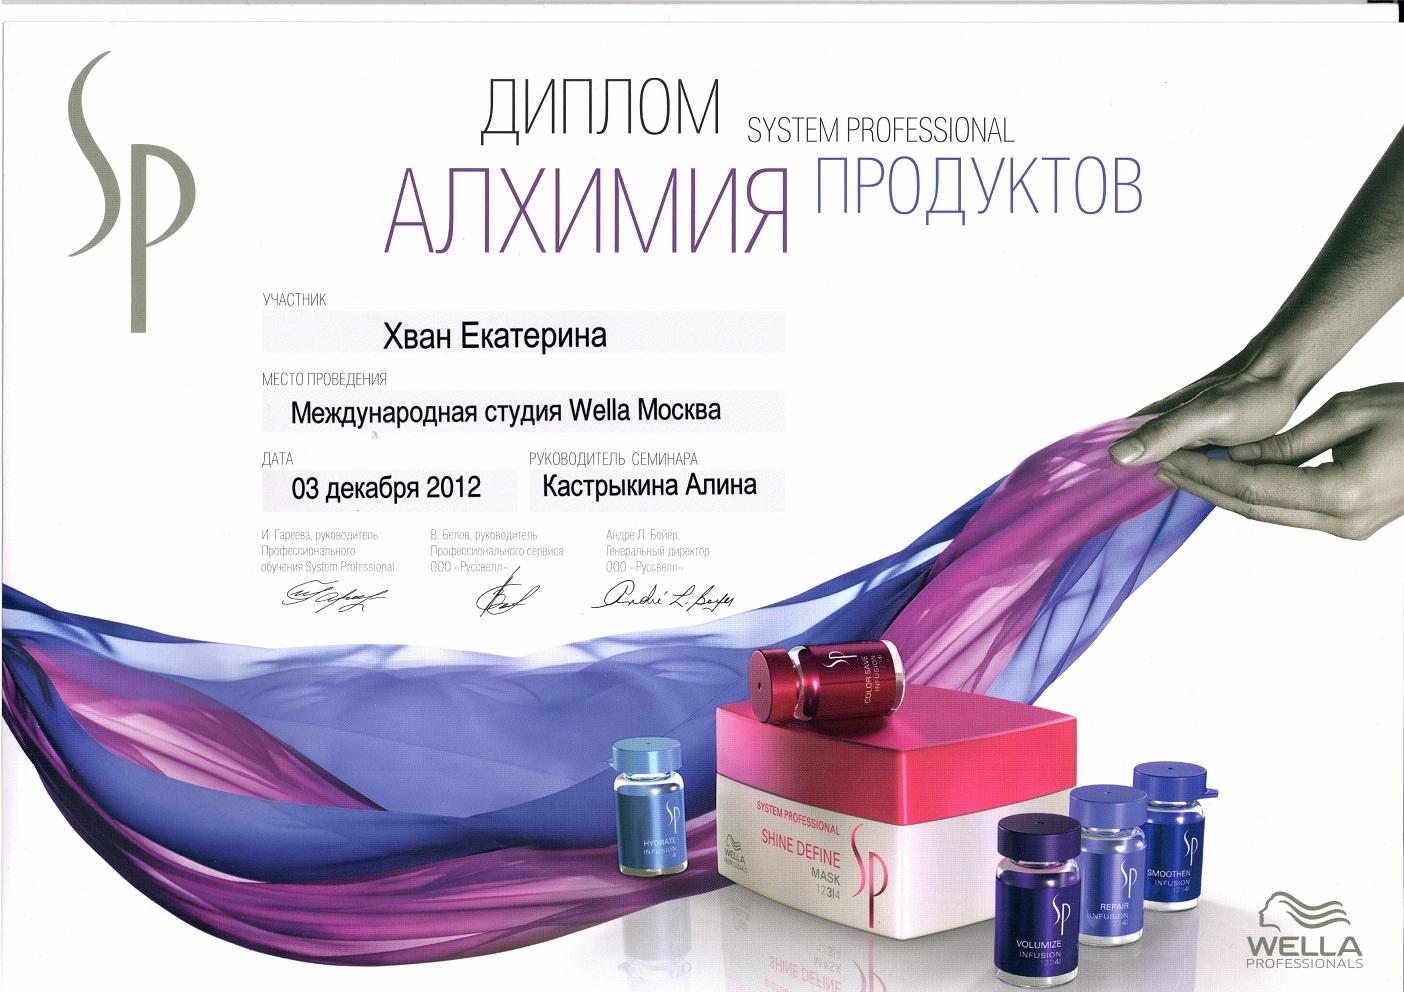 2012 sp алхимия продуктов